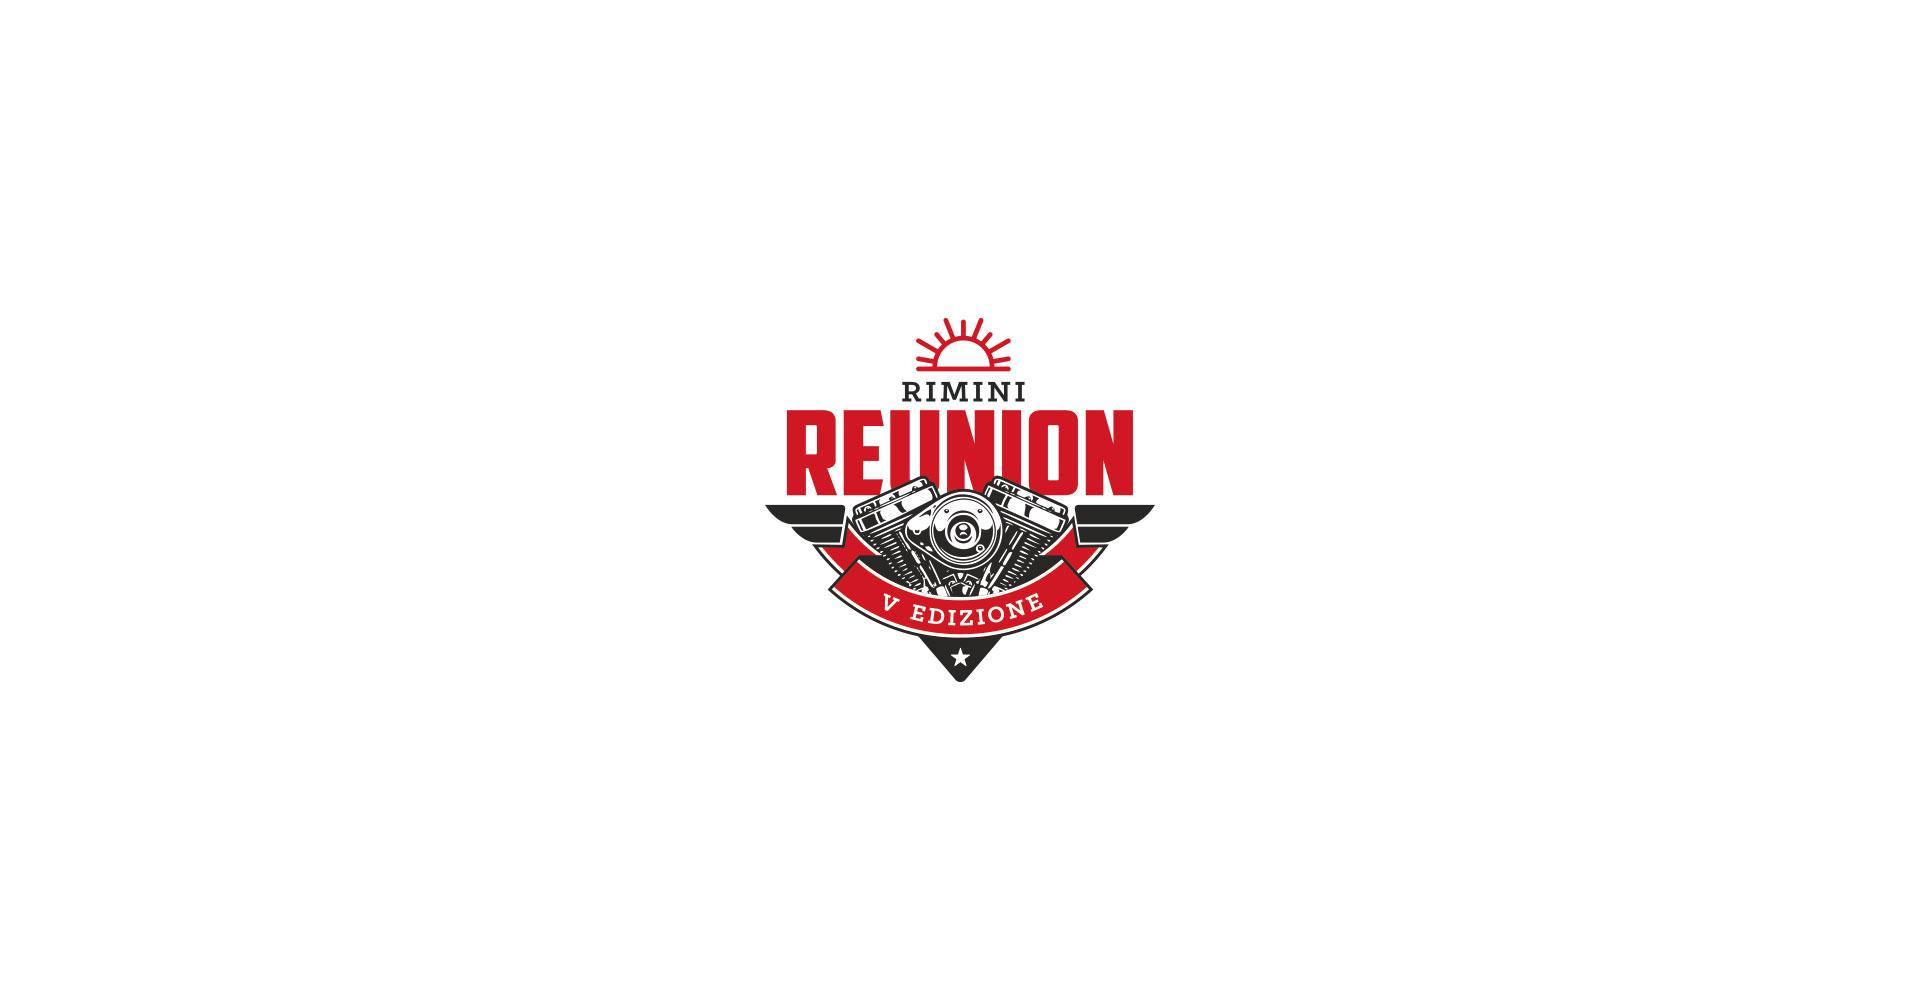 Comunicato stampa: Reunion Rimini V edizione